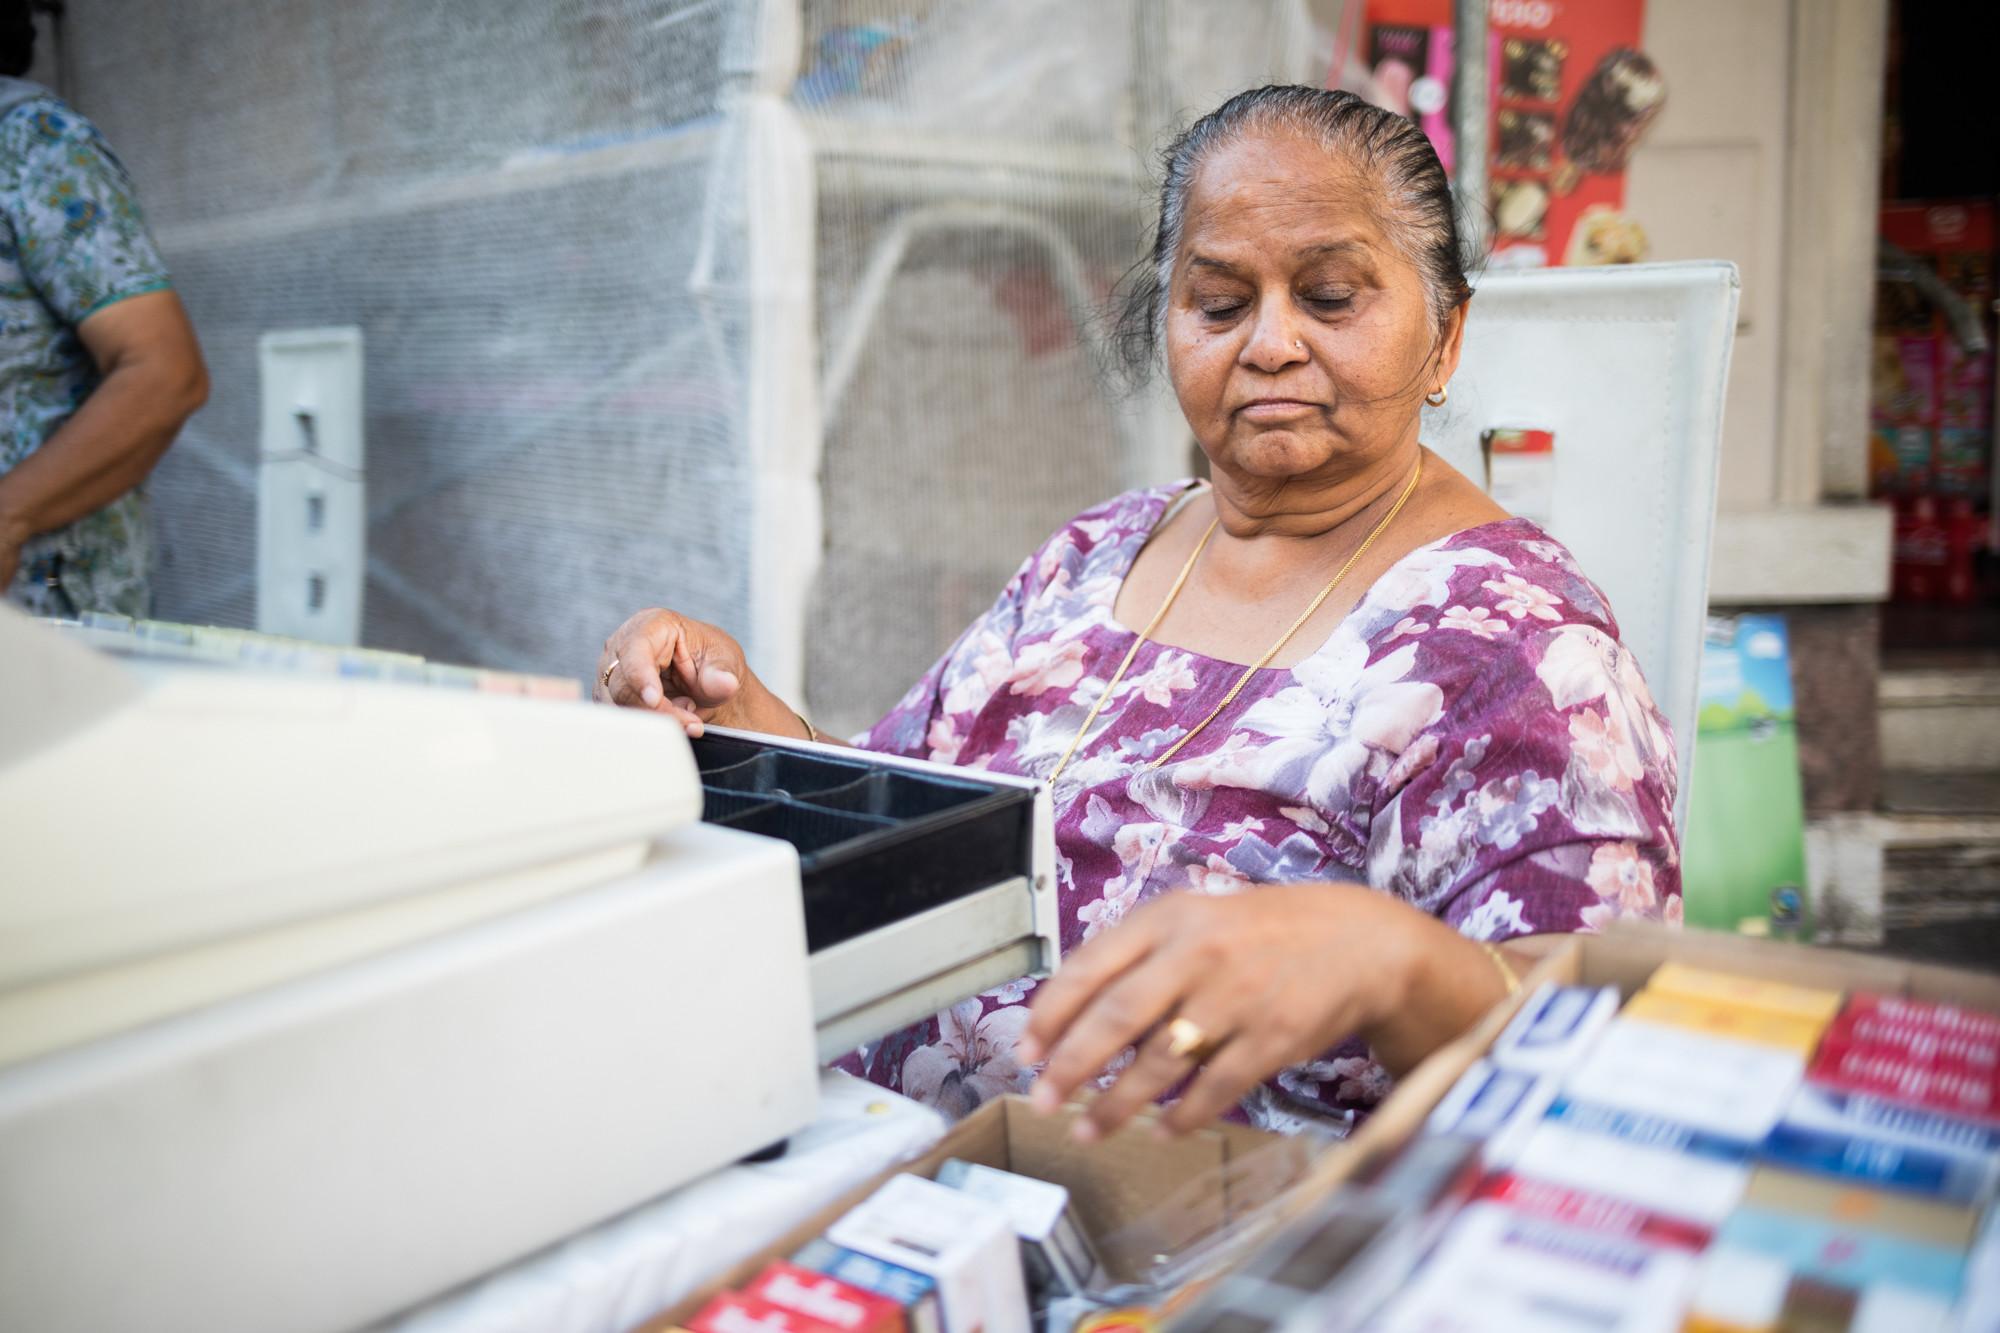 Mama India muss nach 15 Jahren Ende Jahr schliessen. Das Haus wurde verkauft und der neue Vermieter will den Laden selbst üb